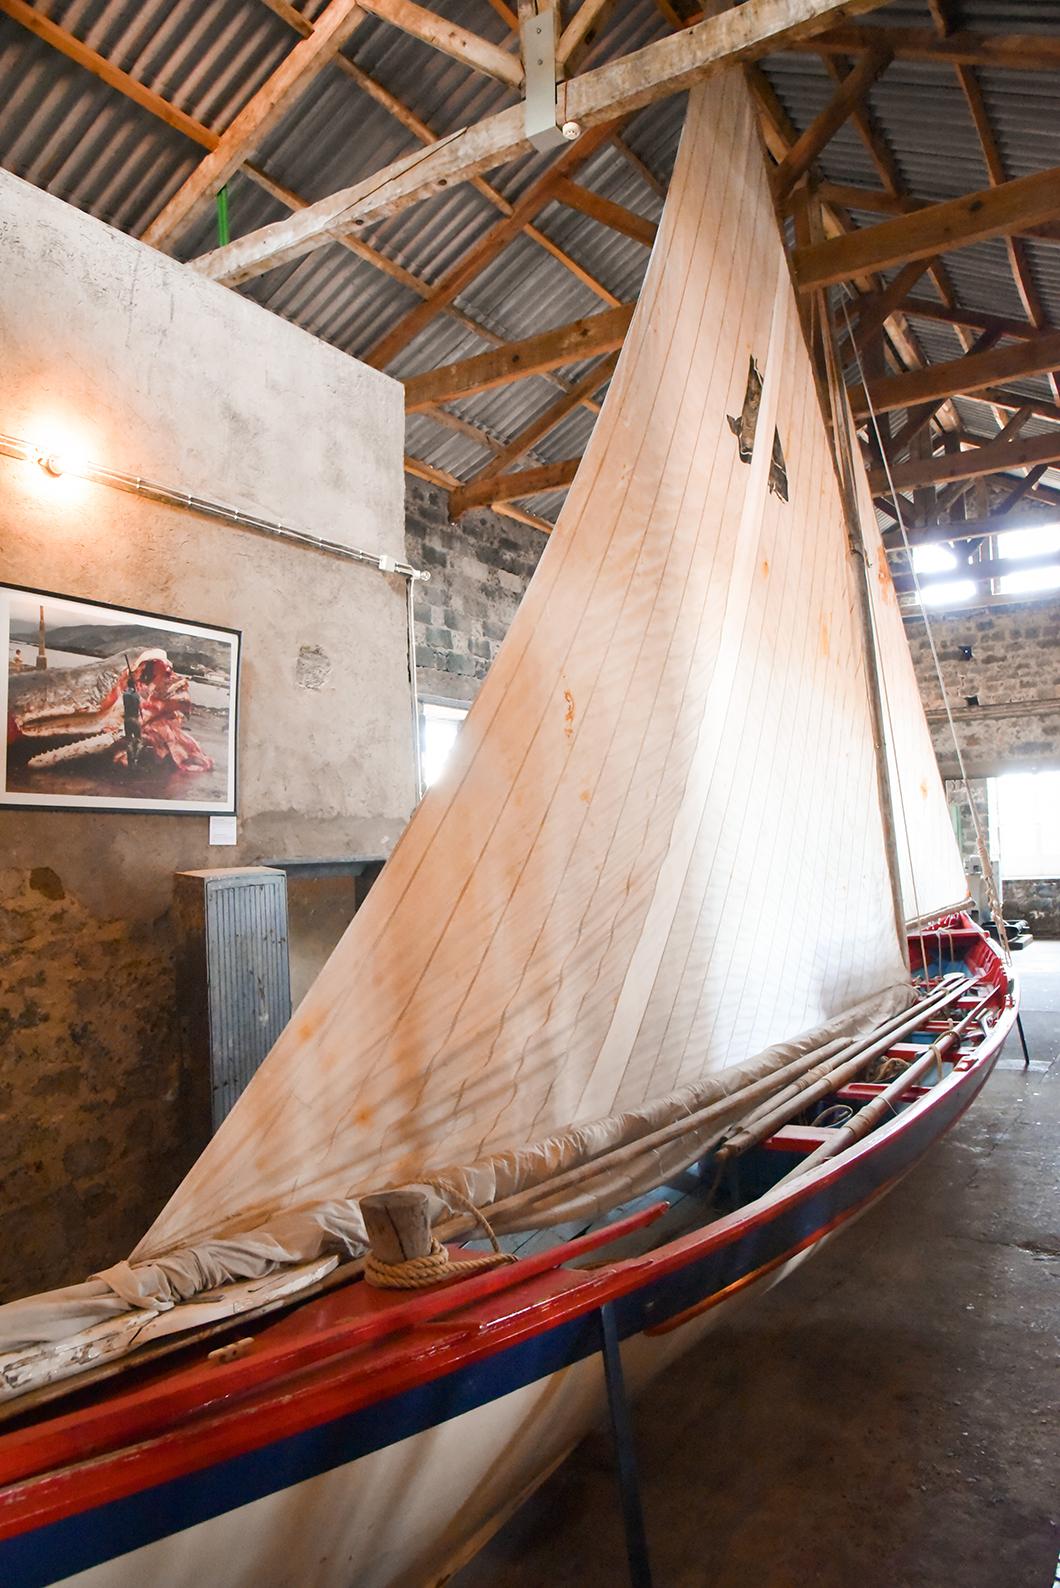 Le musée de la baleine sur l'île de Pico dans les Açores